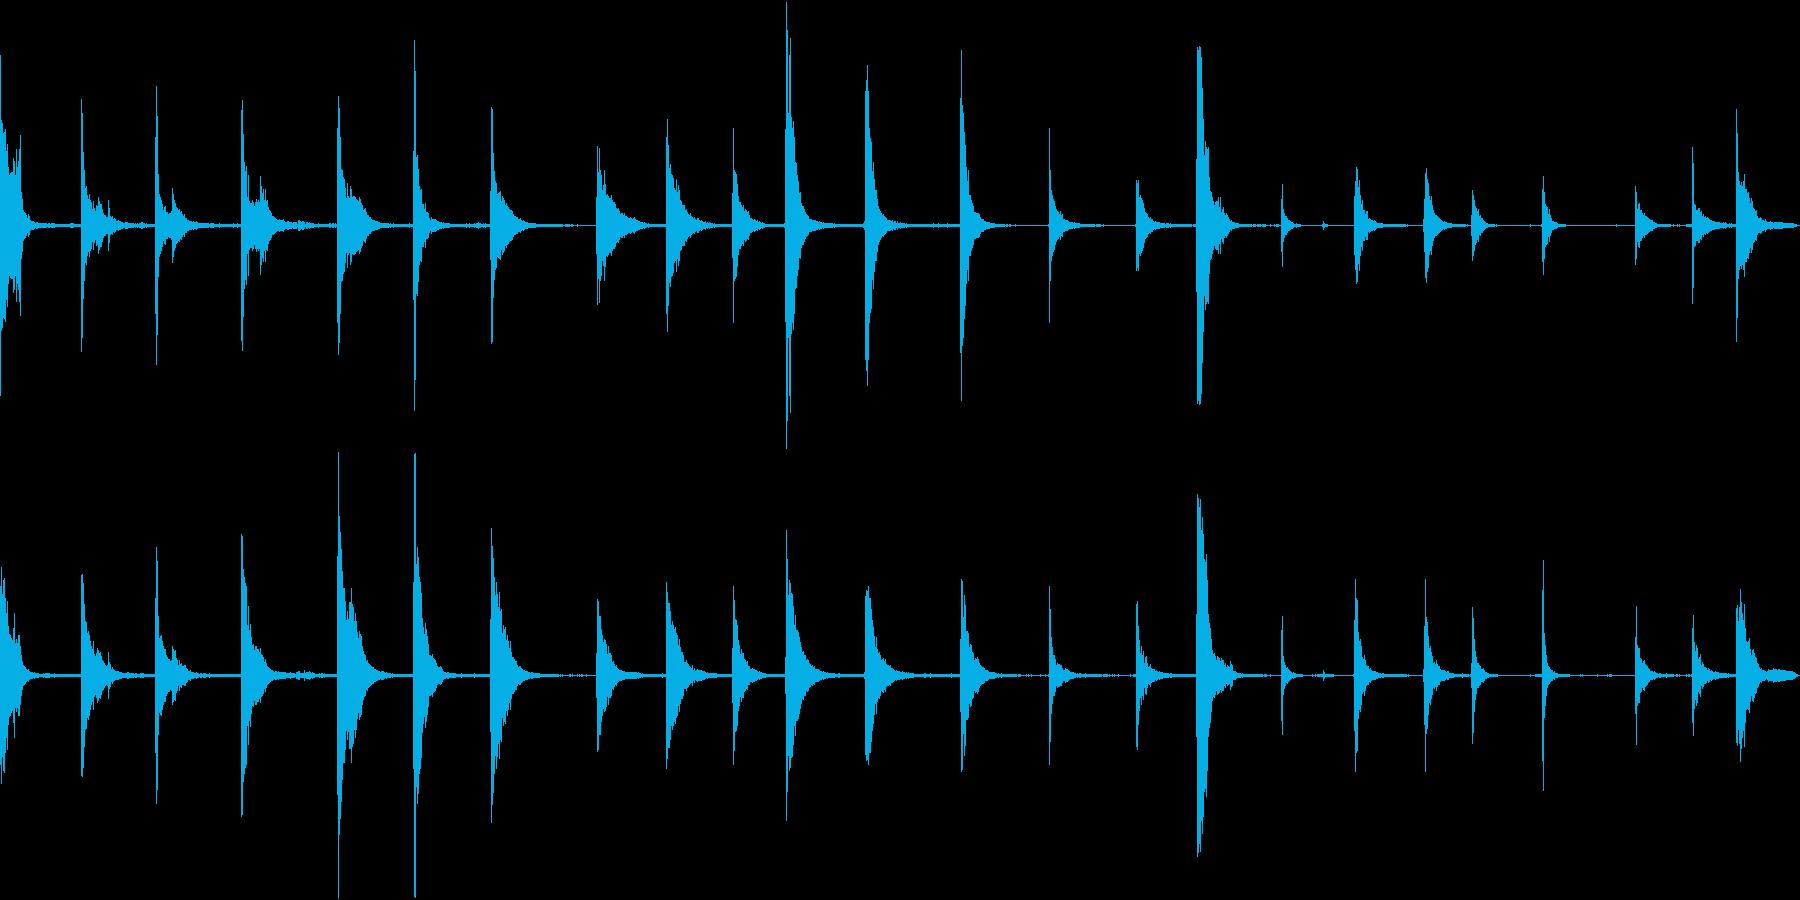 ドラムバレルヒットの再生済みの波形